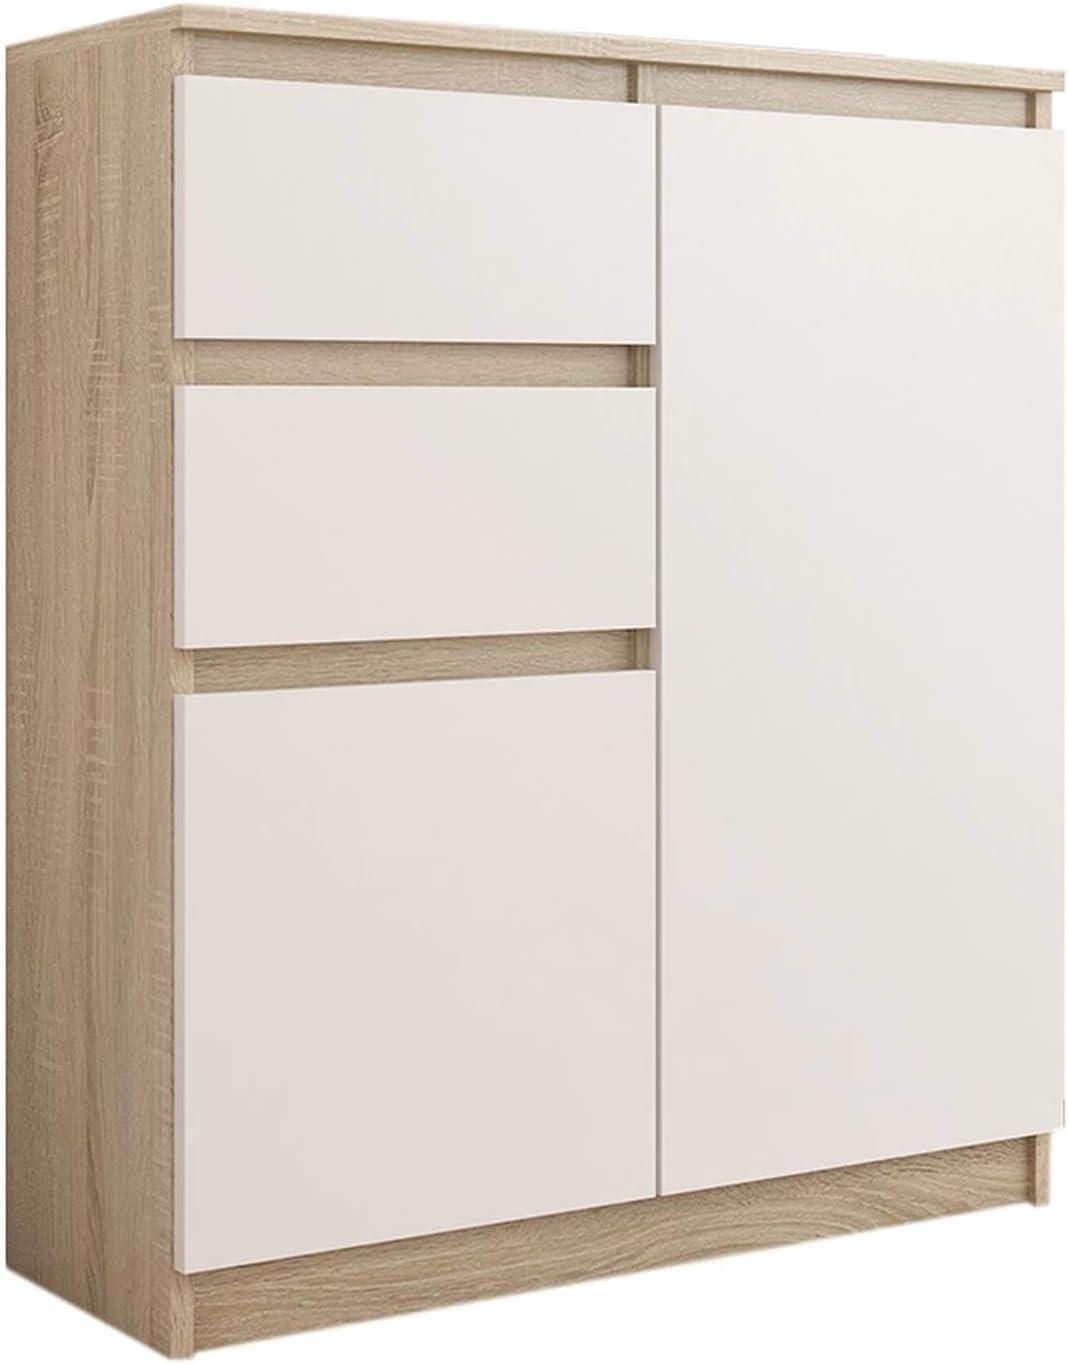 FRAMIRE S-2 Kommode in Sonoma Eiche mit Weiß, Kommode mit 2 Schubladen, 2 Türen, Schrank für Schlafzimmer, Wohnzimmer, Bad, 98 x 80 x 40 cm